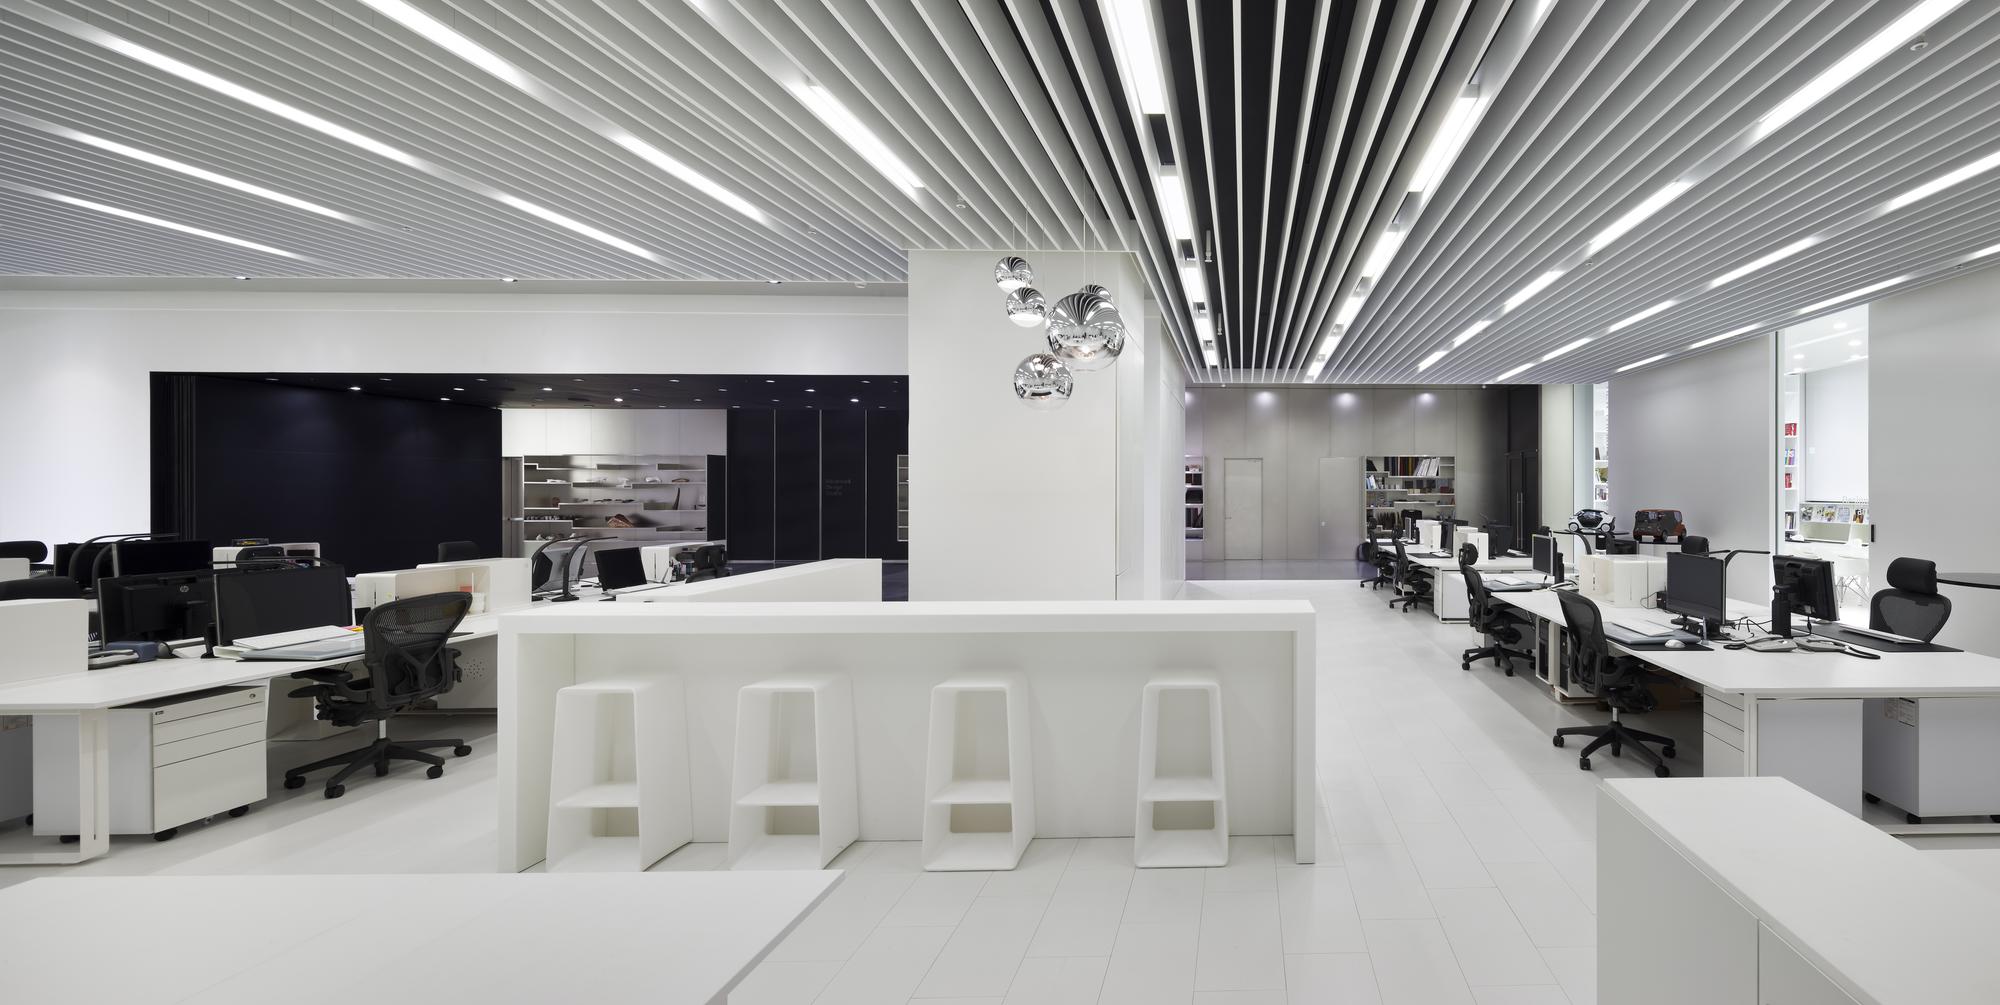 Modern Home Library Interior Design Gallery Of Hyundai Advances Design Studio Delugan Meissl